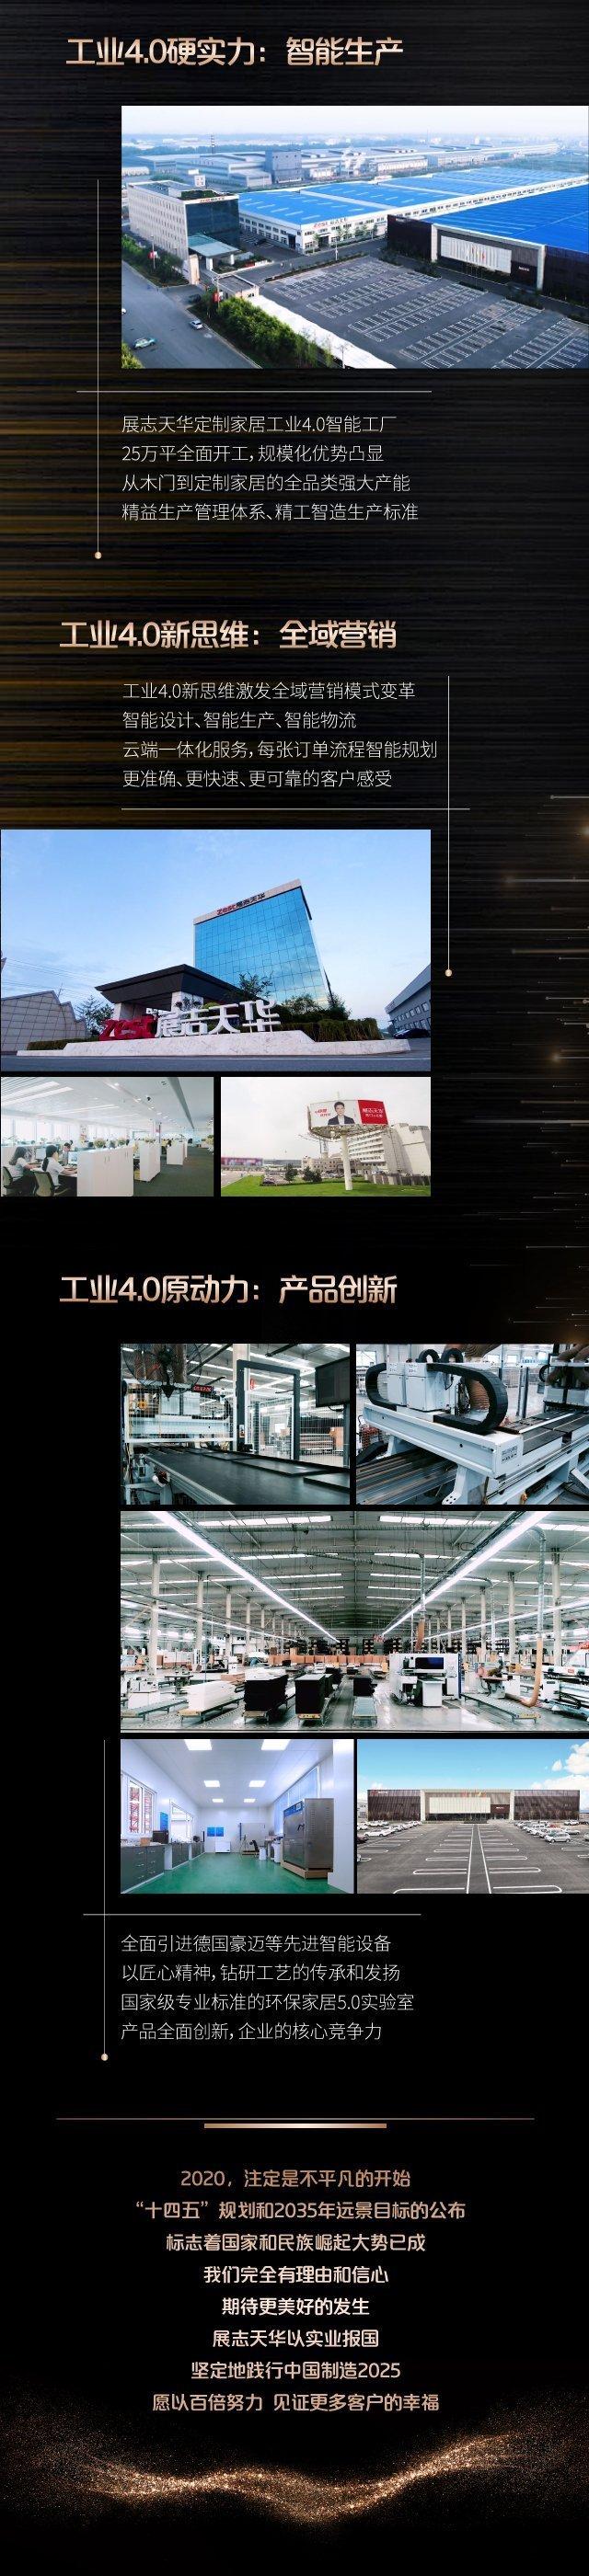 拥有亚洲1号工厂的展志天华定制家居实力强吗